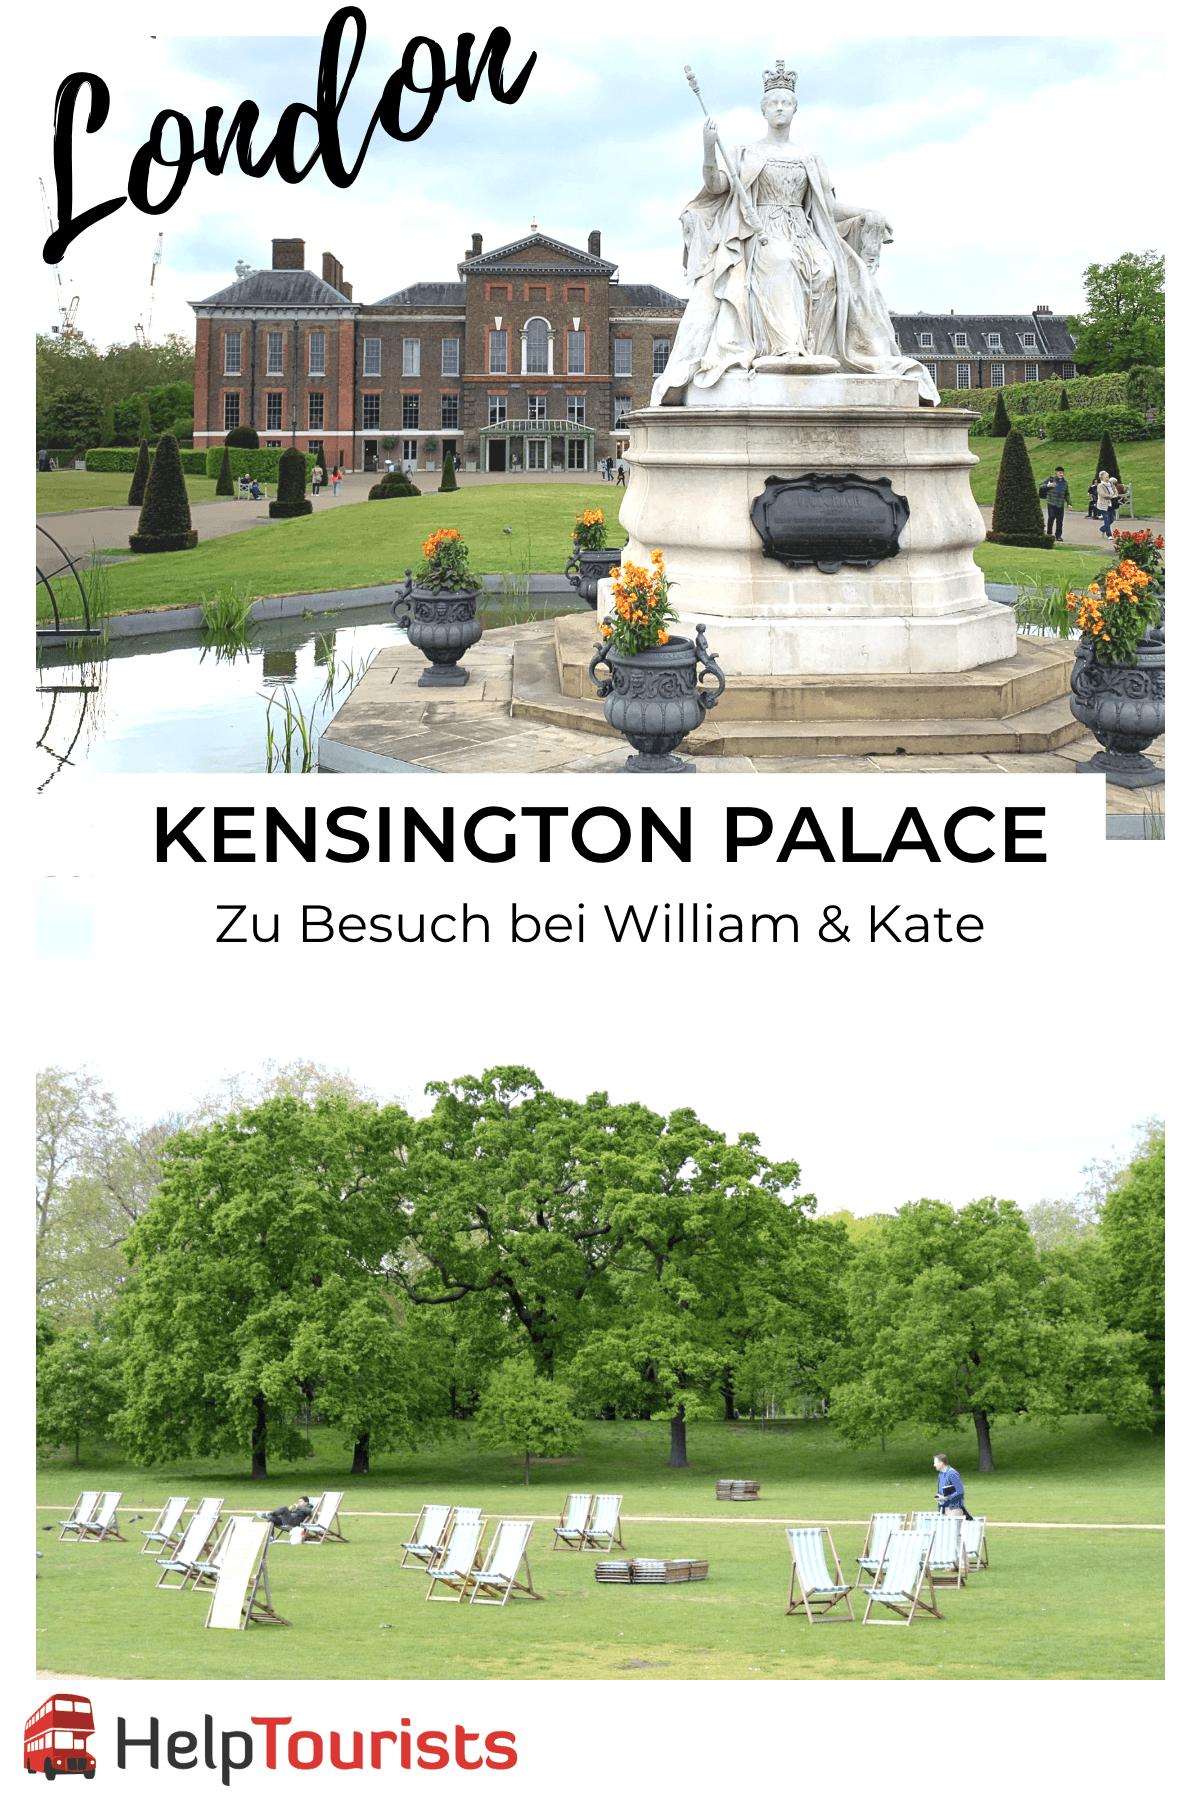 Kensington Palace London besuchen